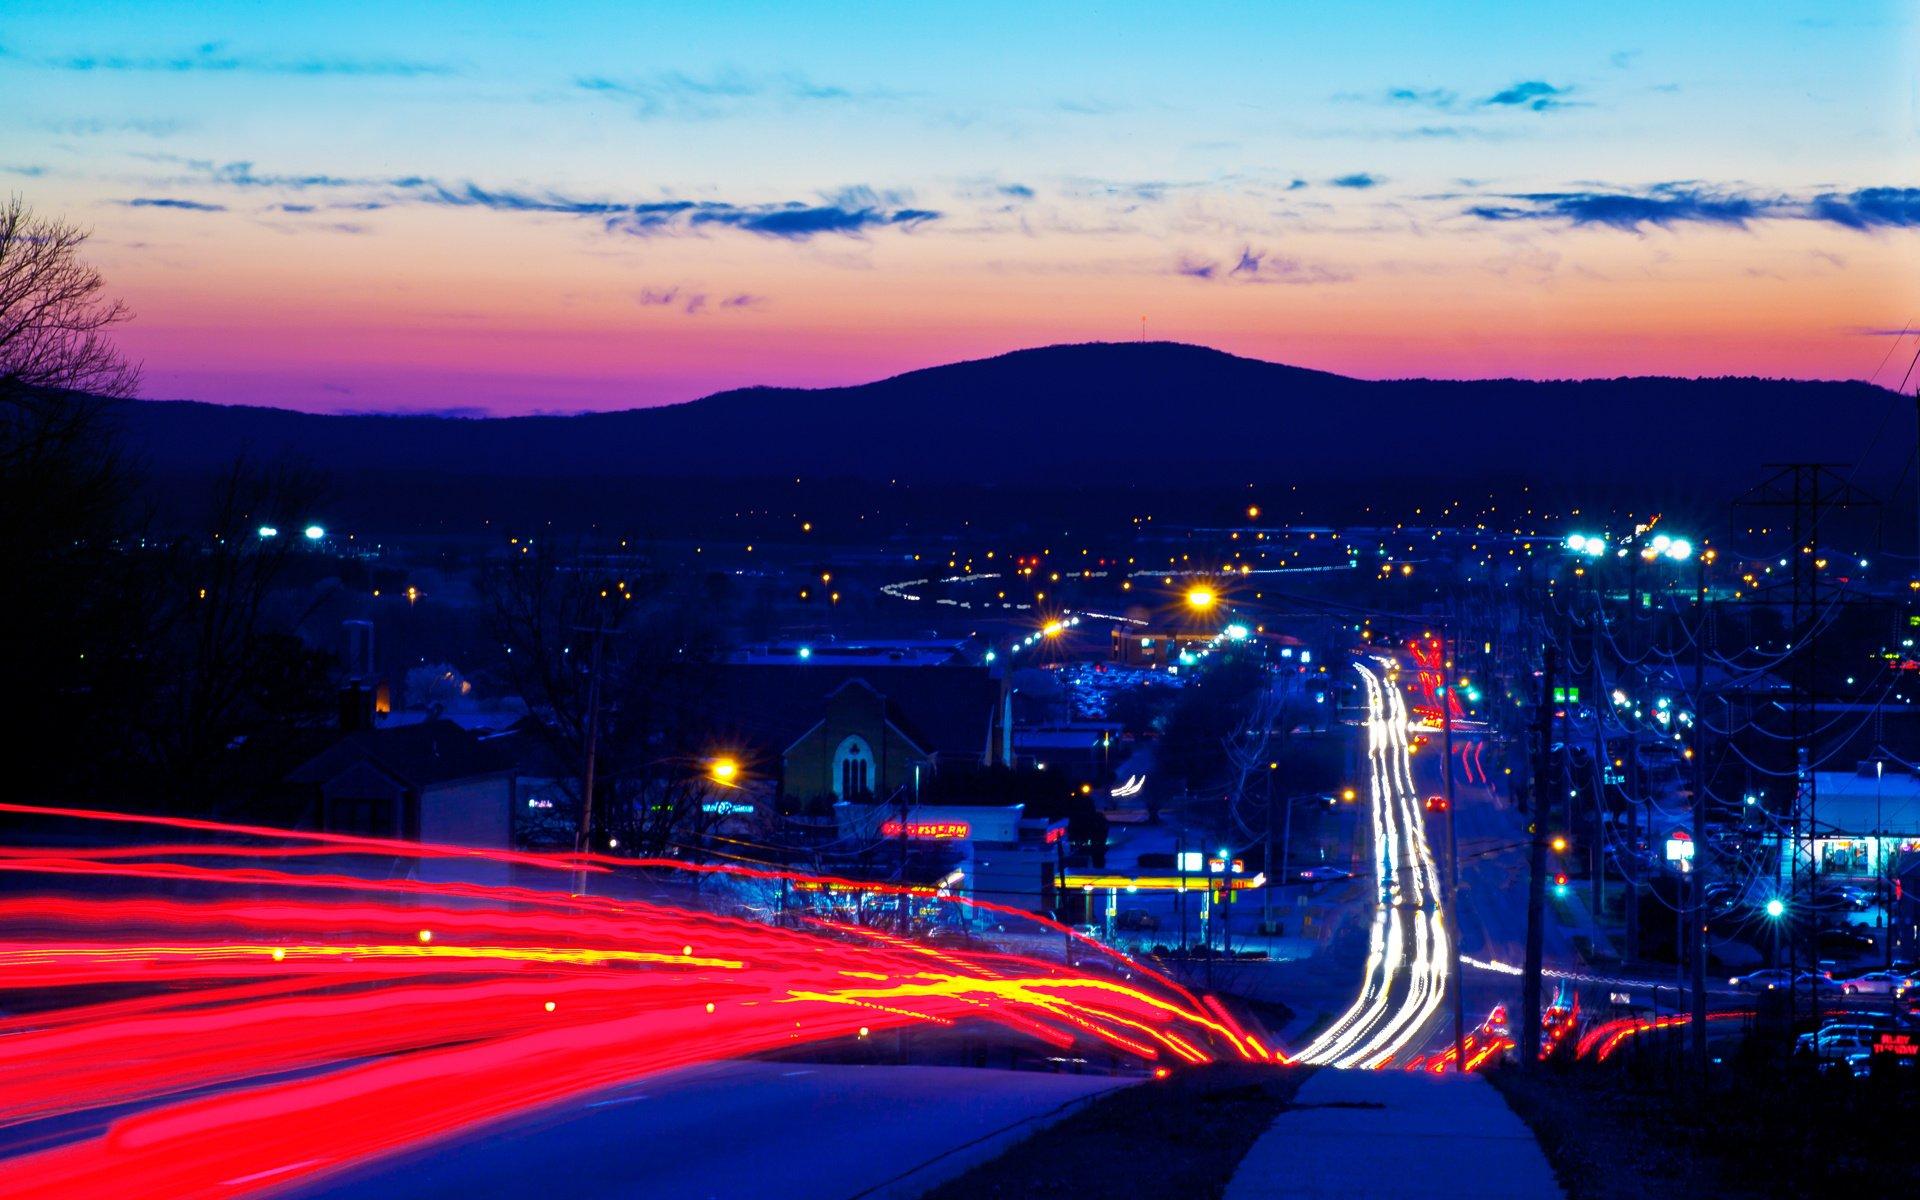 дорога развилка огни город вечер бесплатно